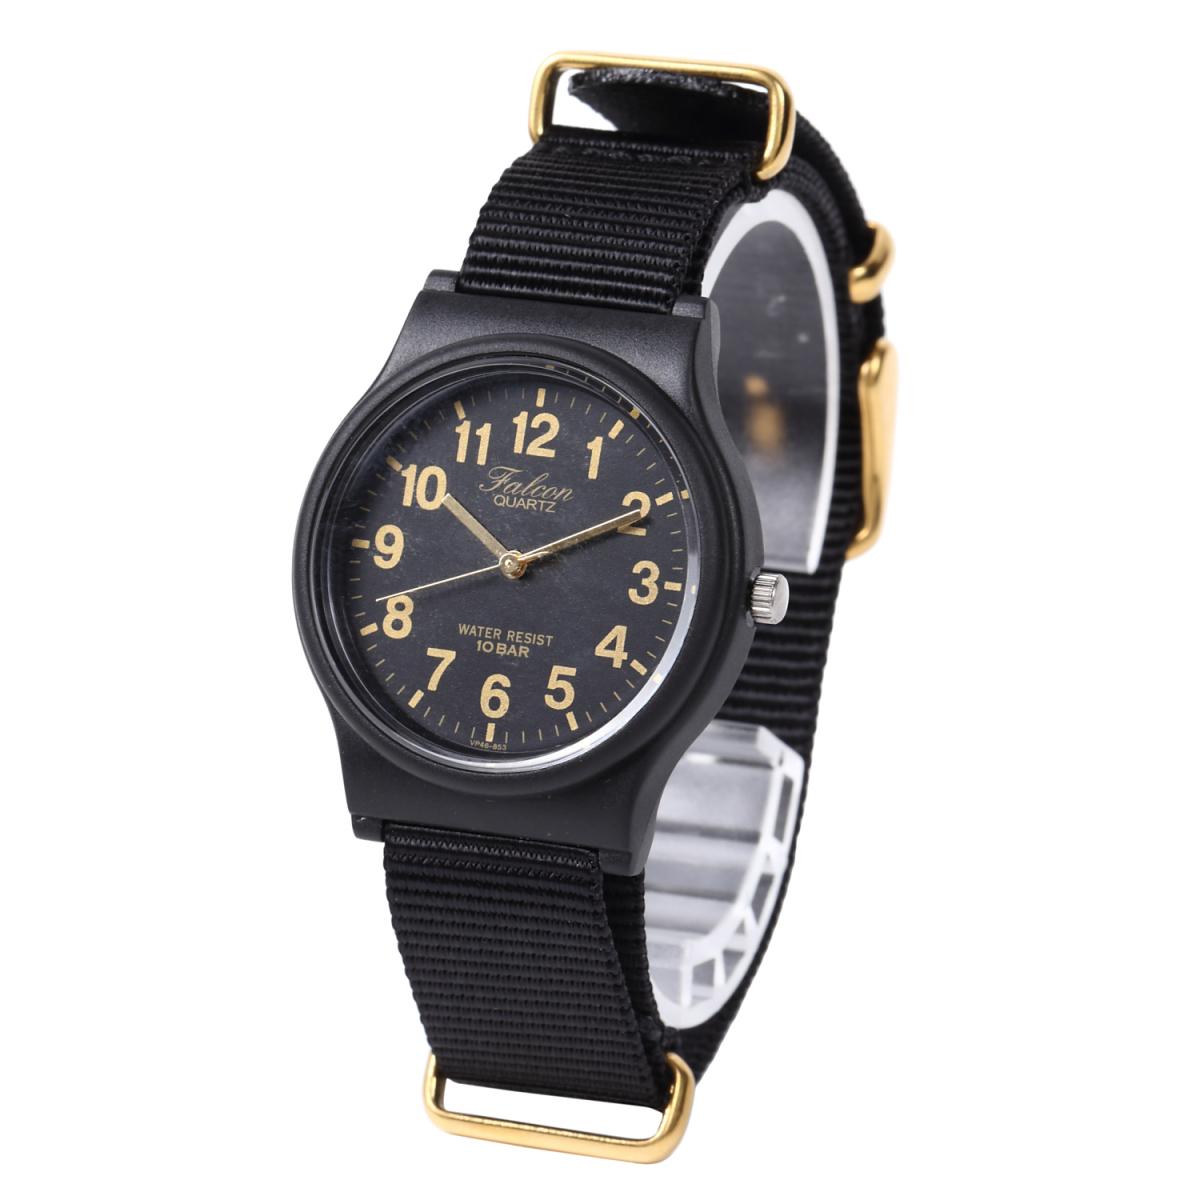 時計ベルト16mm 4本セット NATO ゴールドバックル ショートサイズ 取付けマニュアル 腕時計バンドセット売り_画像2